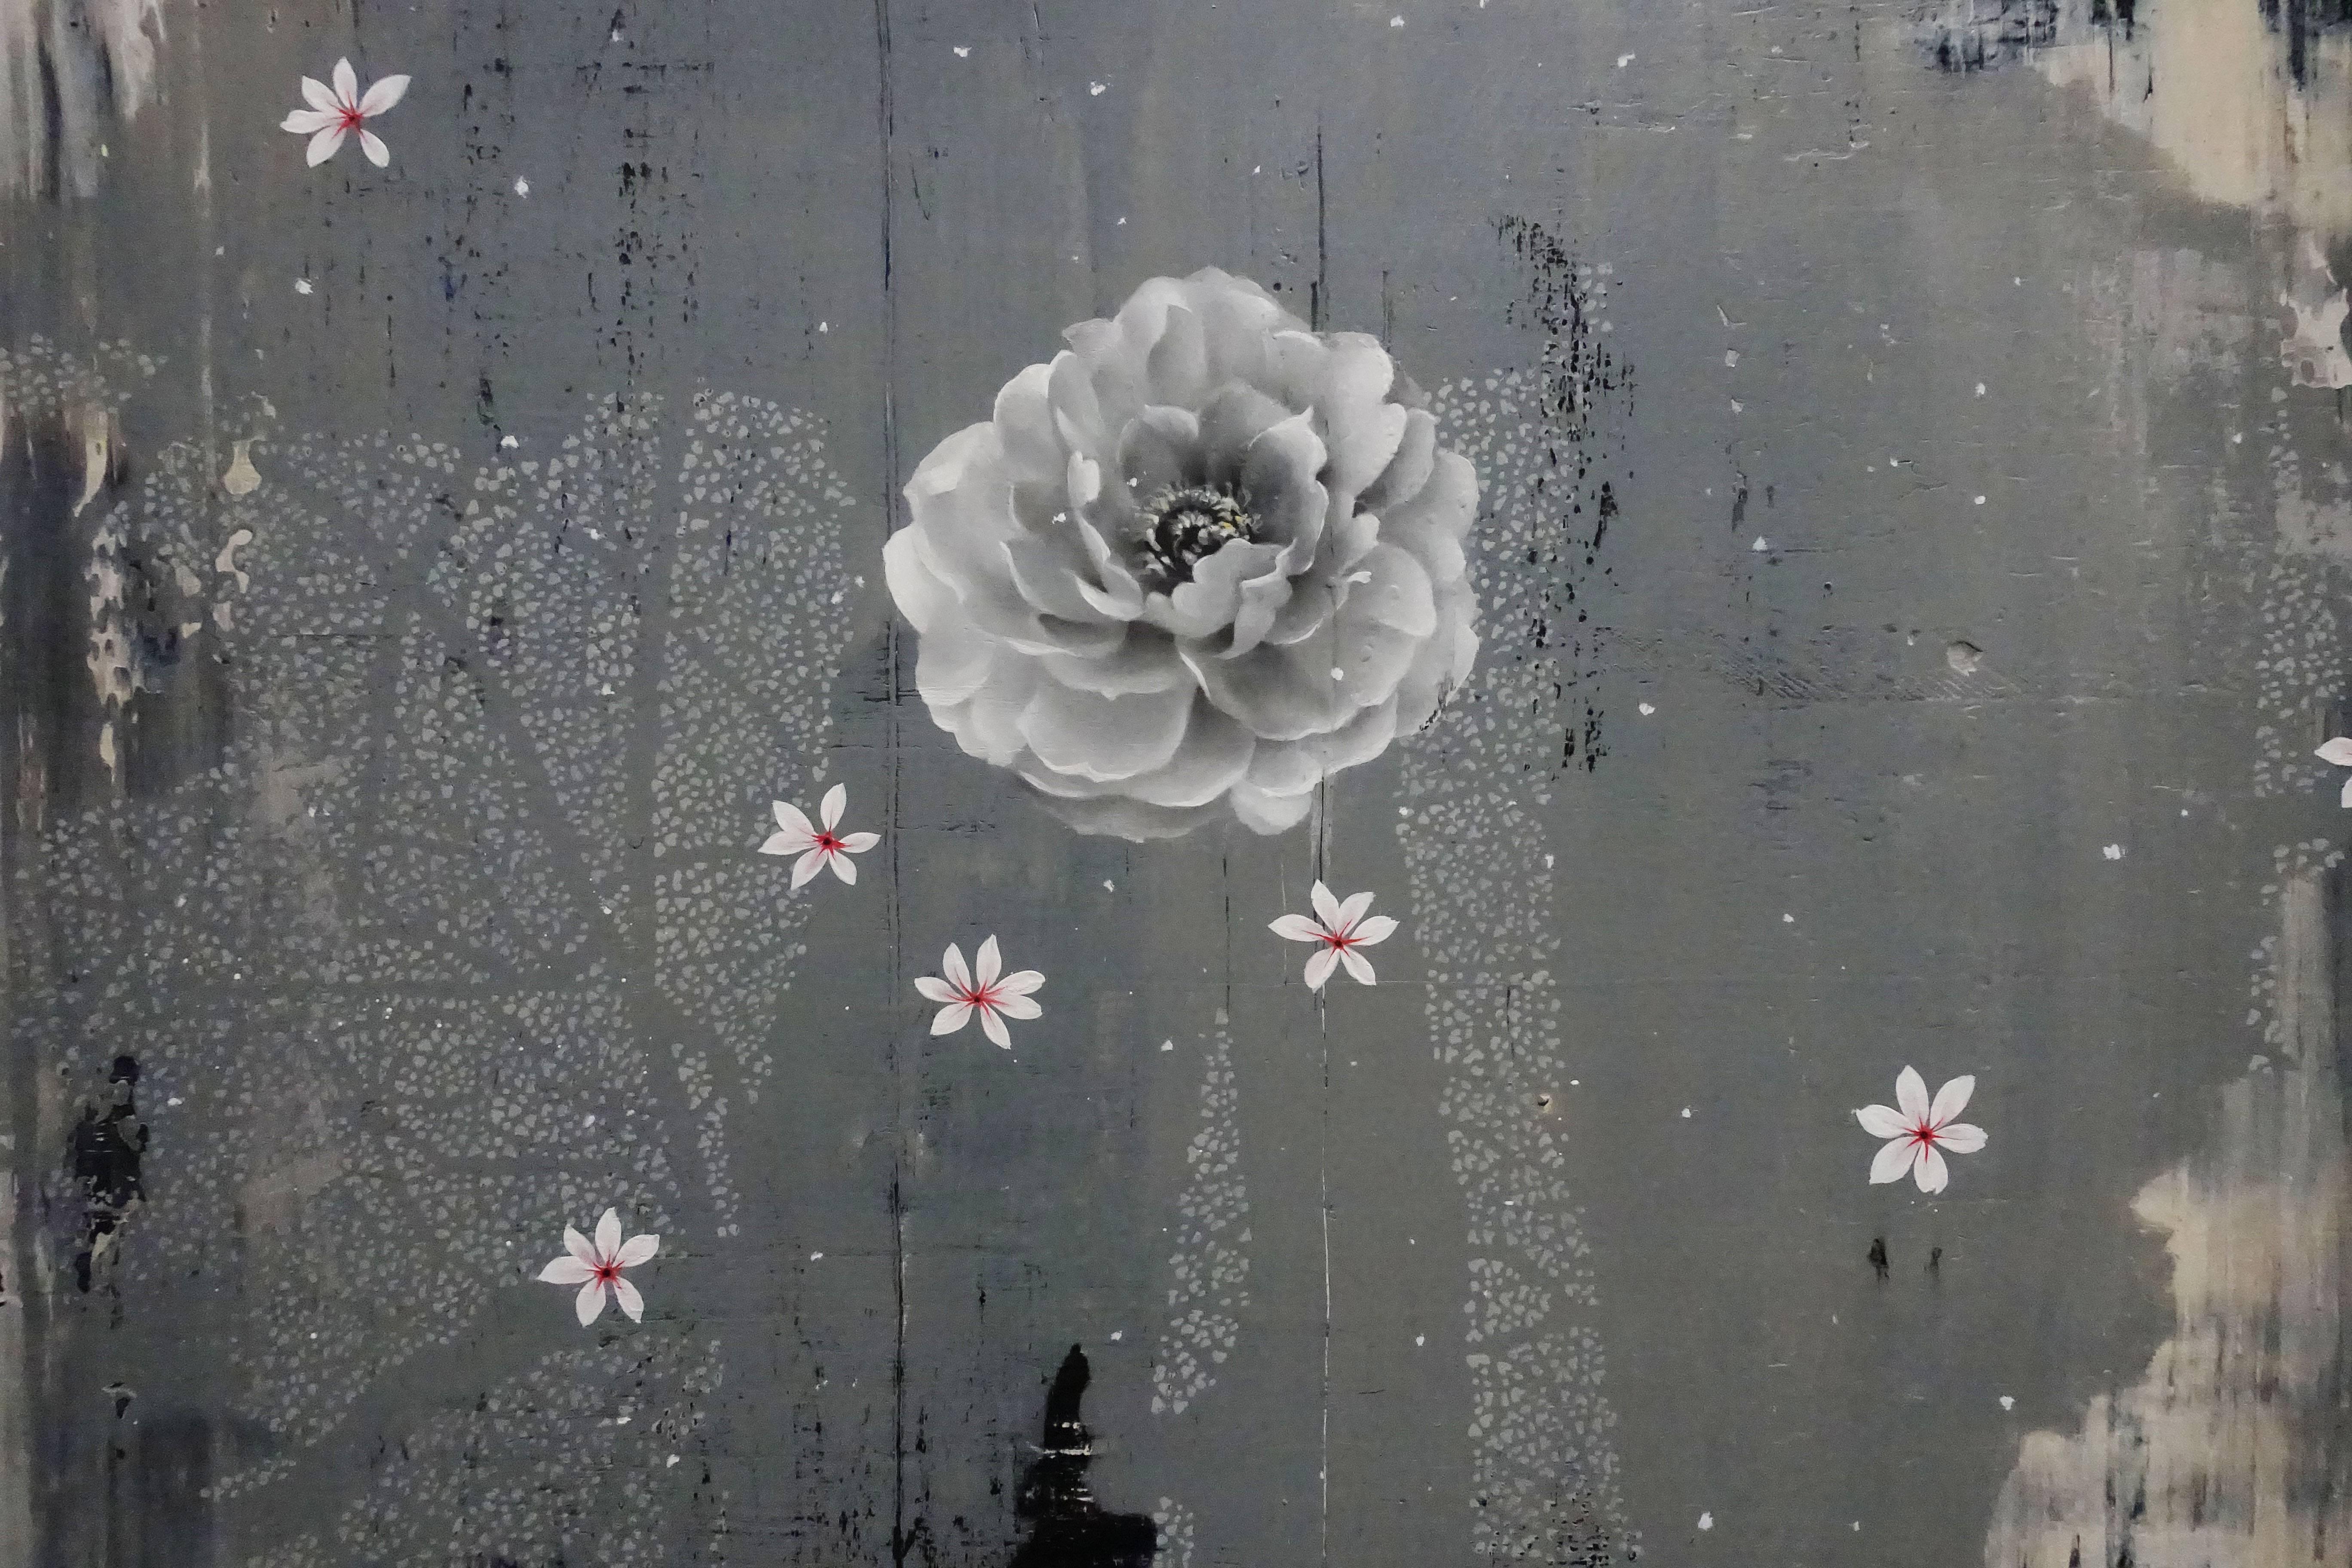 傅作新,《冰雪牡丹》局部,油彩畫布,2018。